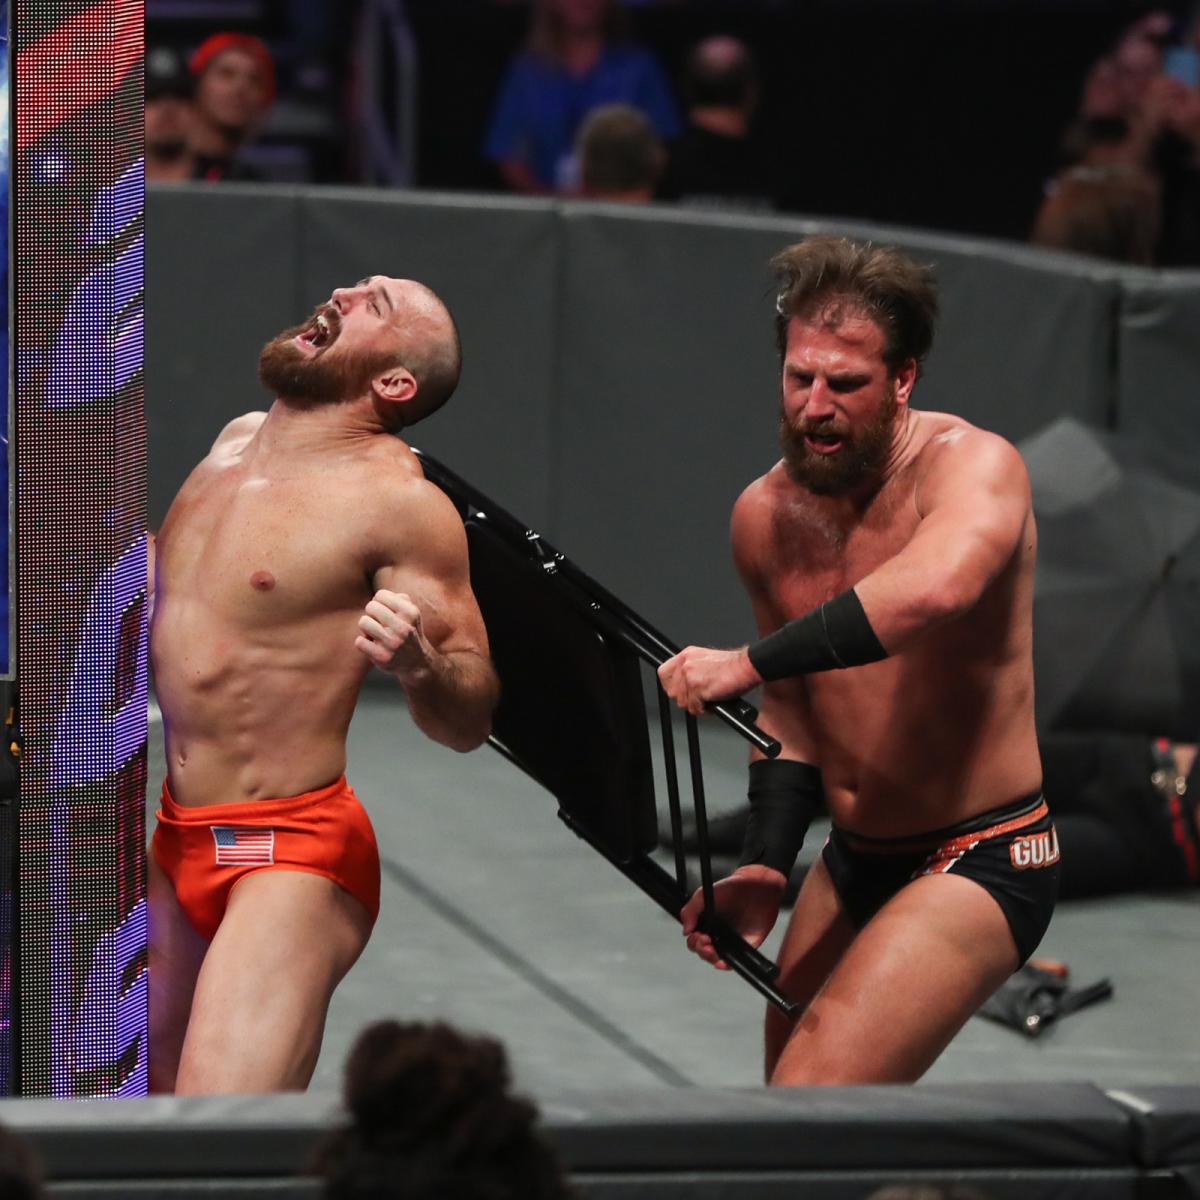 Resultados WWE 205 LIVE (20 de agosto 2019) | ¡Ángel Garza debuta! 5